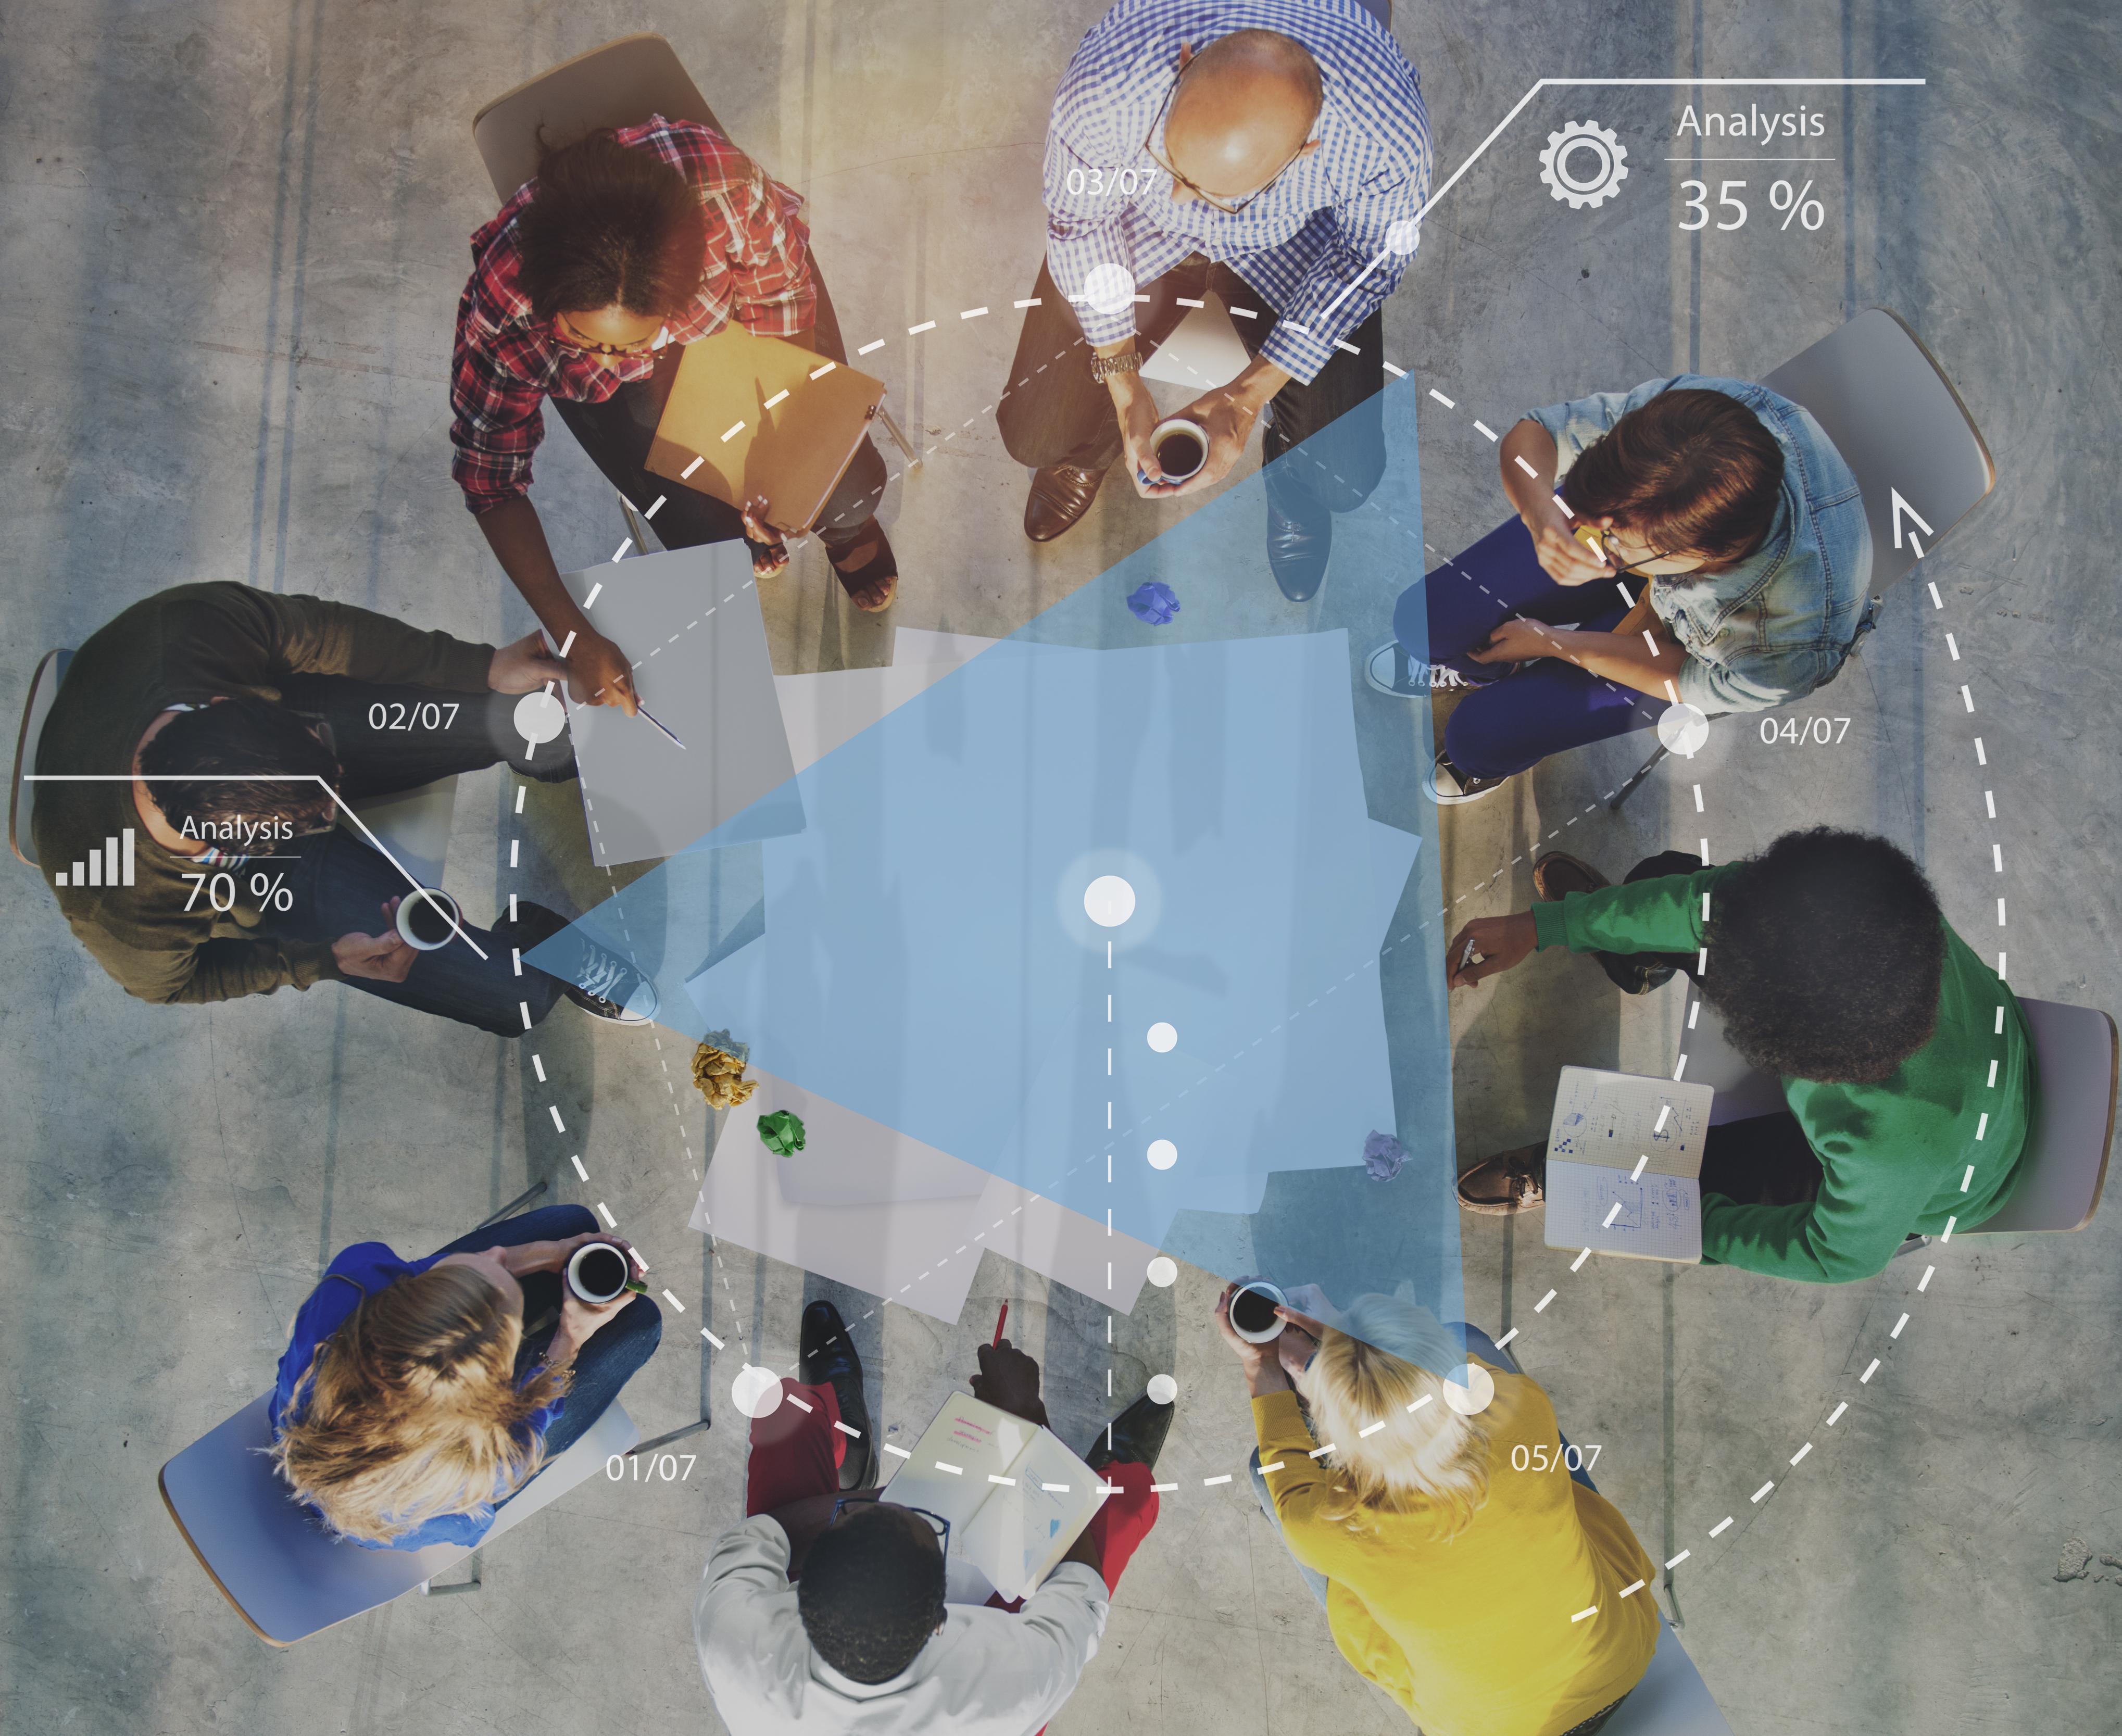 innovation process iStock-1057830314.jpg